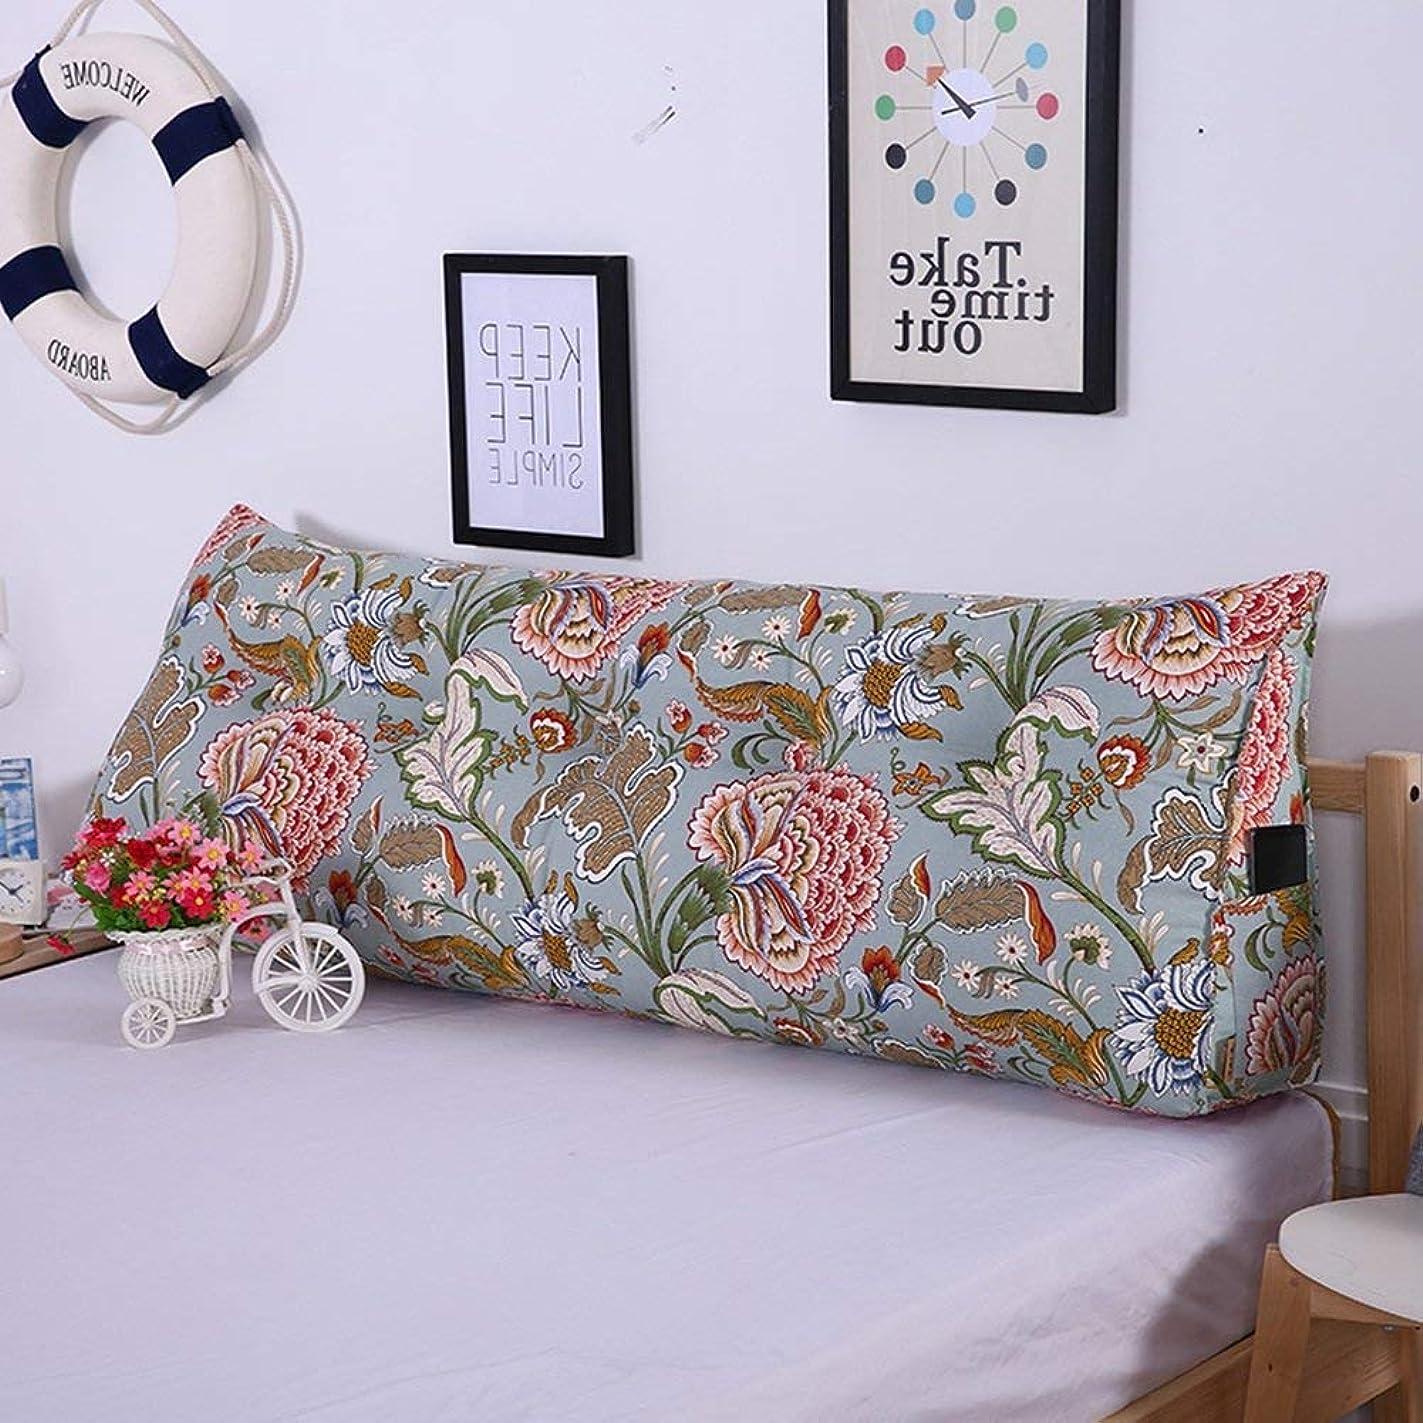 圧縮暴露する舌なLts ウェッジヘッドボードベッドサイドクッションパッド布アート三角枕多機能大型バックパッド、洗える、7色、7サイズベッド背もたれパッド (Color : 6#, サイズ : 70 x 20 x 50 cm)